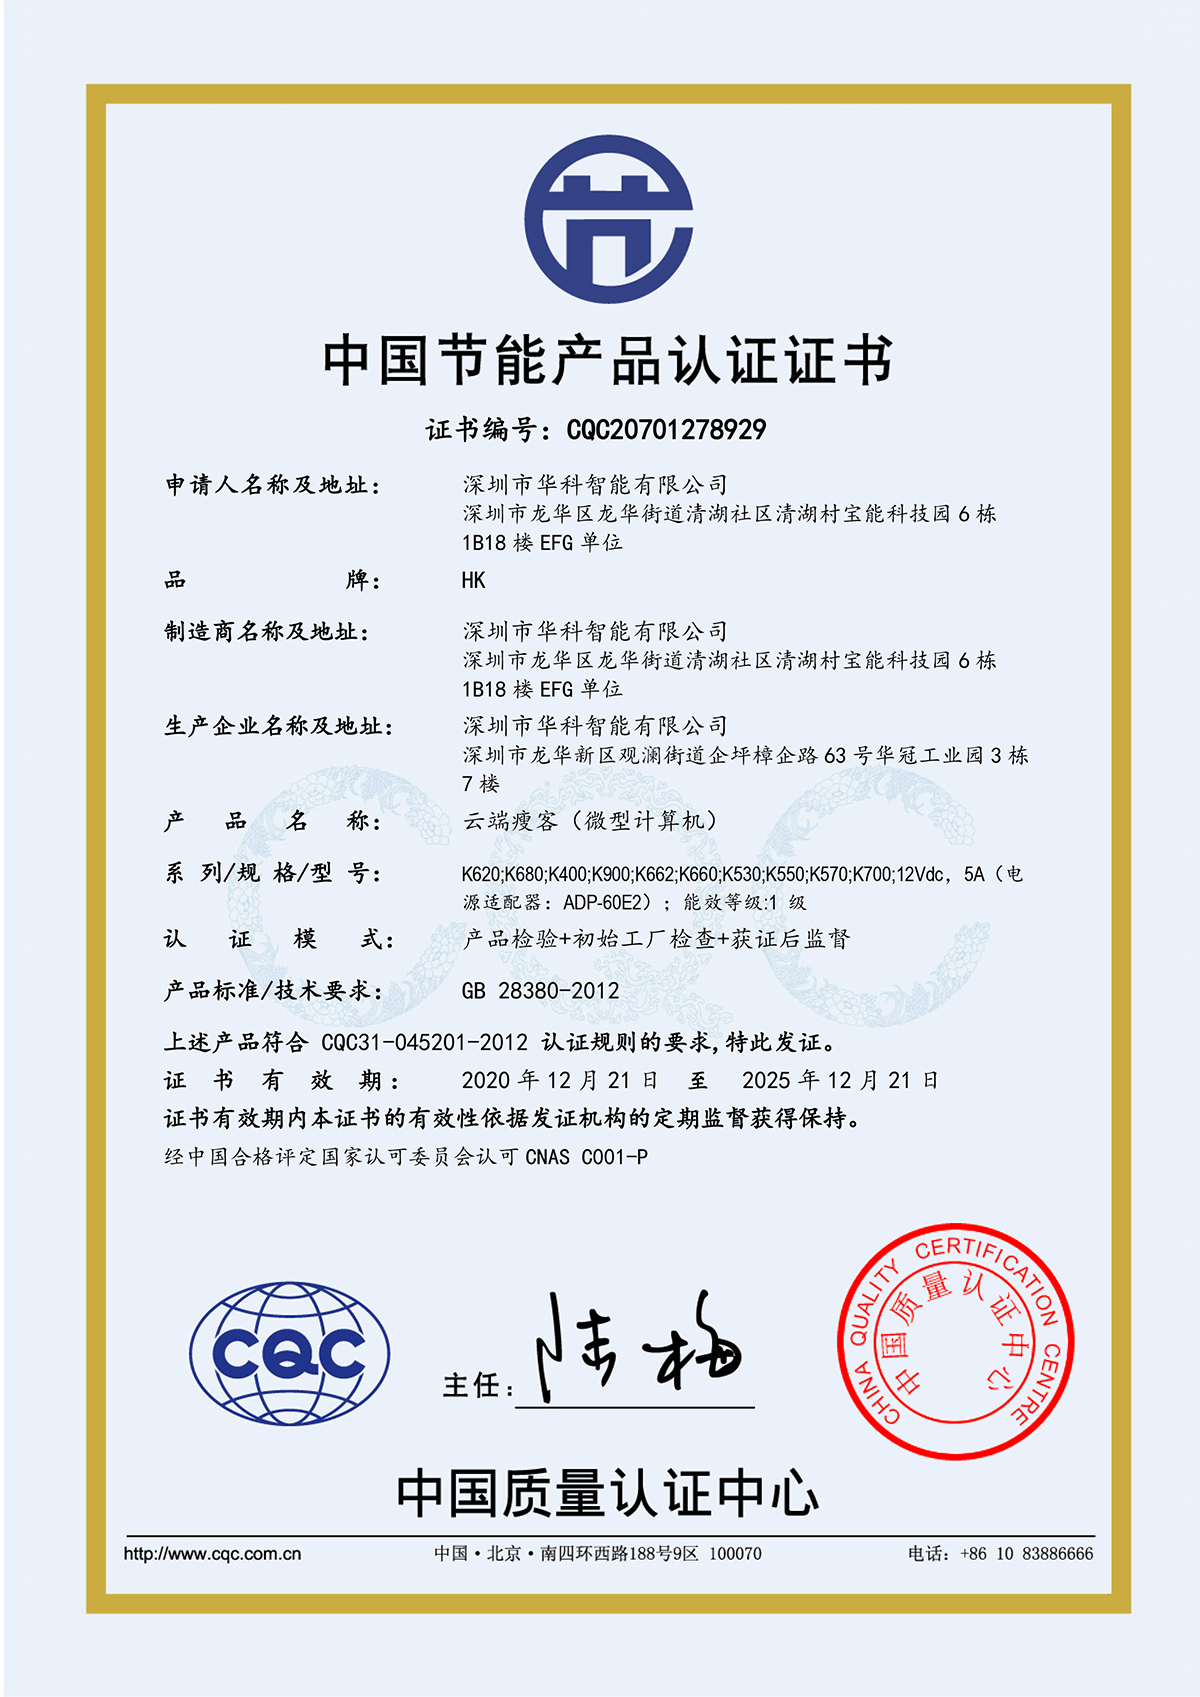 中国节能认证证书.jpg